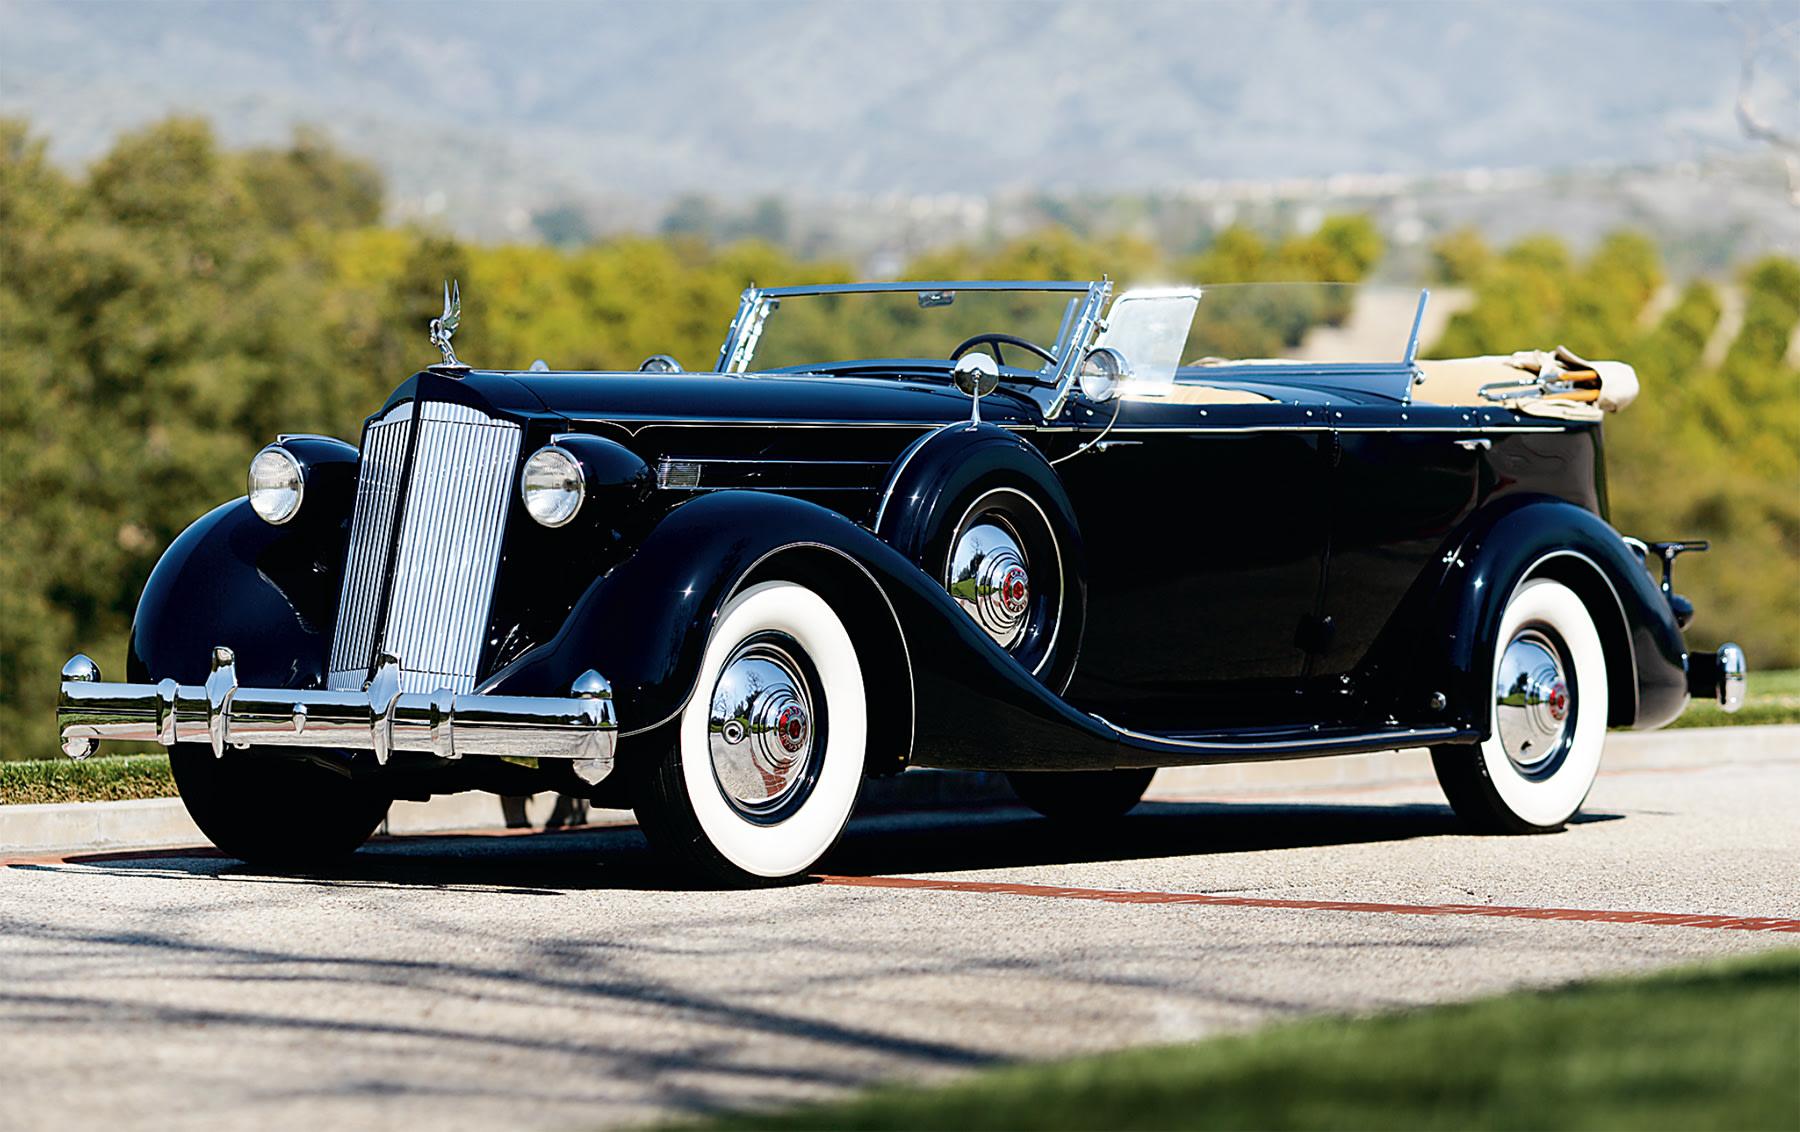 1936 Packard Model 1407 Dual Cowl Phaeton